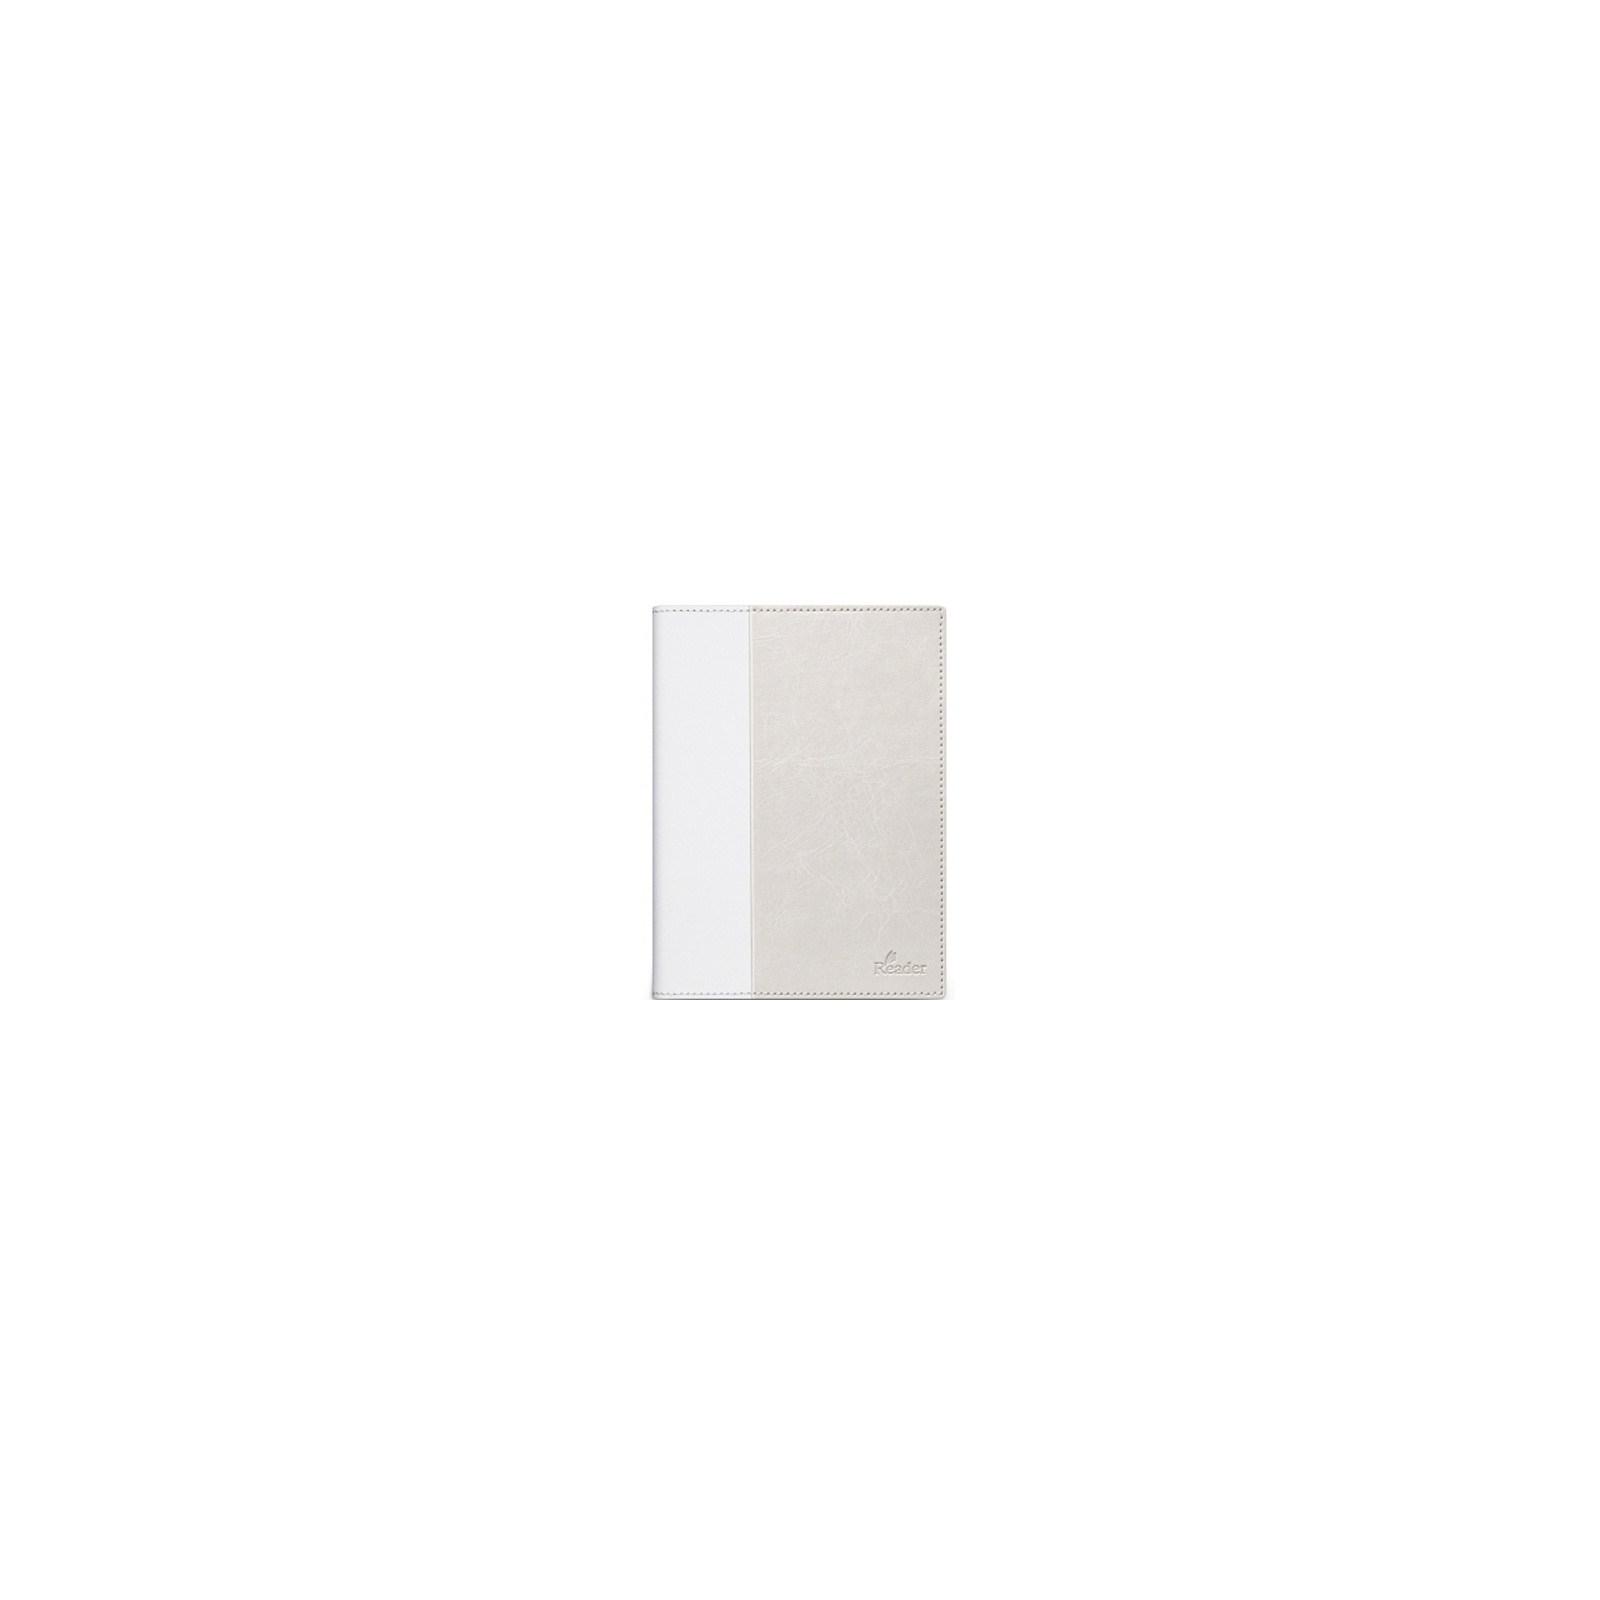 Чехол для электронной книги SONY CL22W white для PRS-T2 (PRSACL22W.WW2)